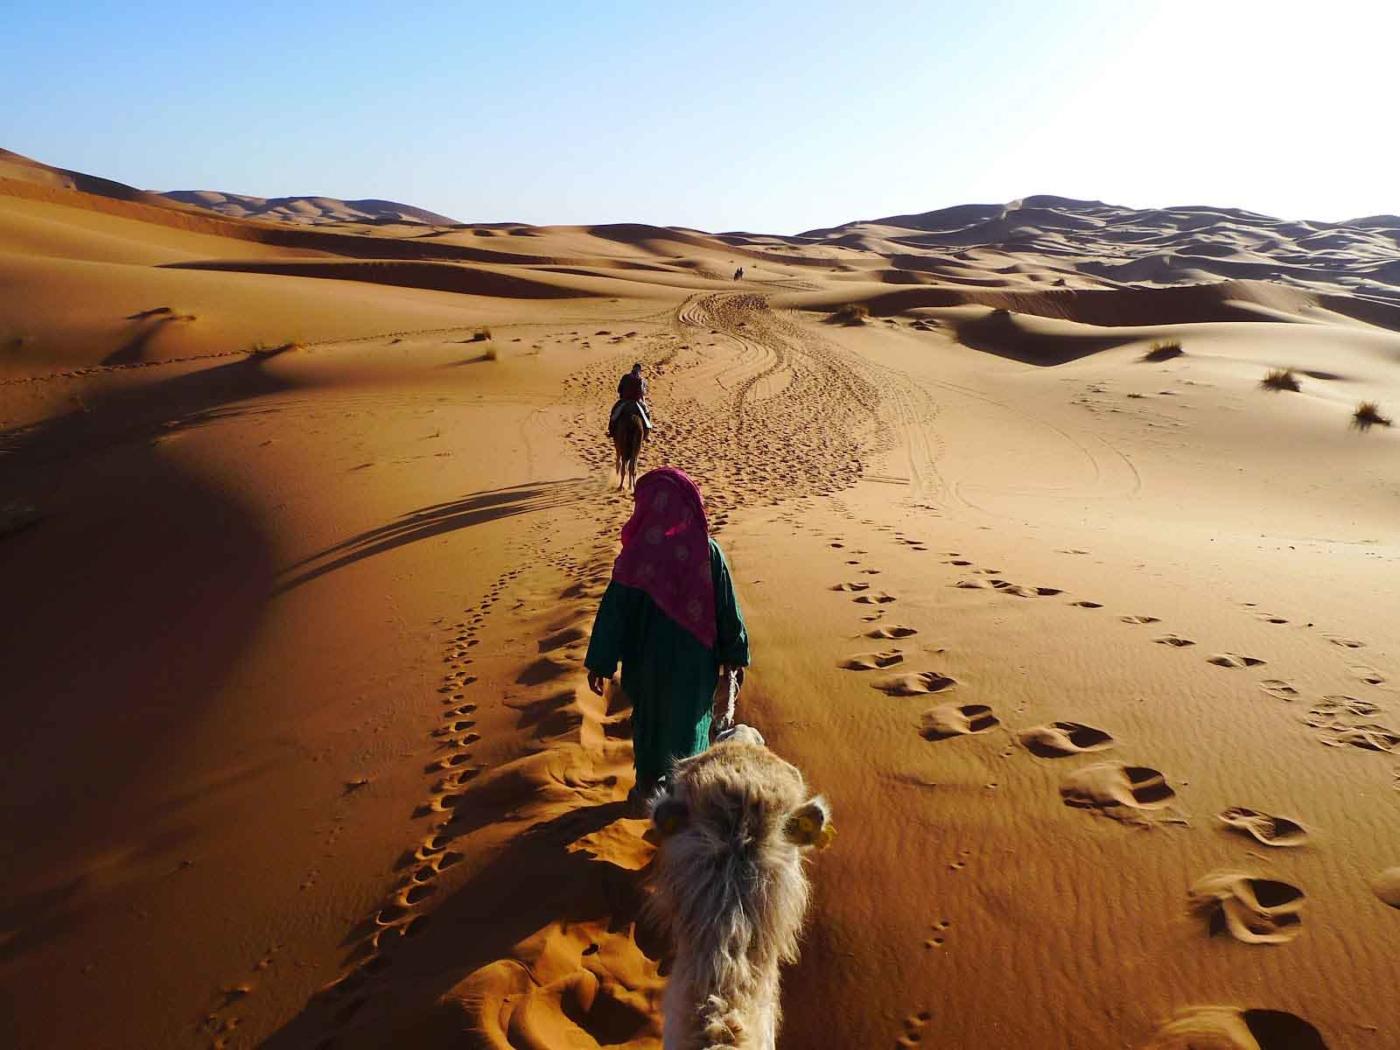 Come raggiungere Merzouga? - Forum Marocco - Tripadvisor